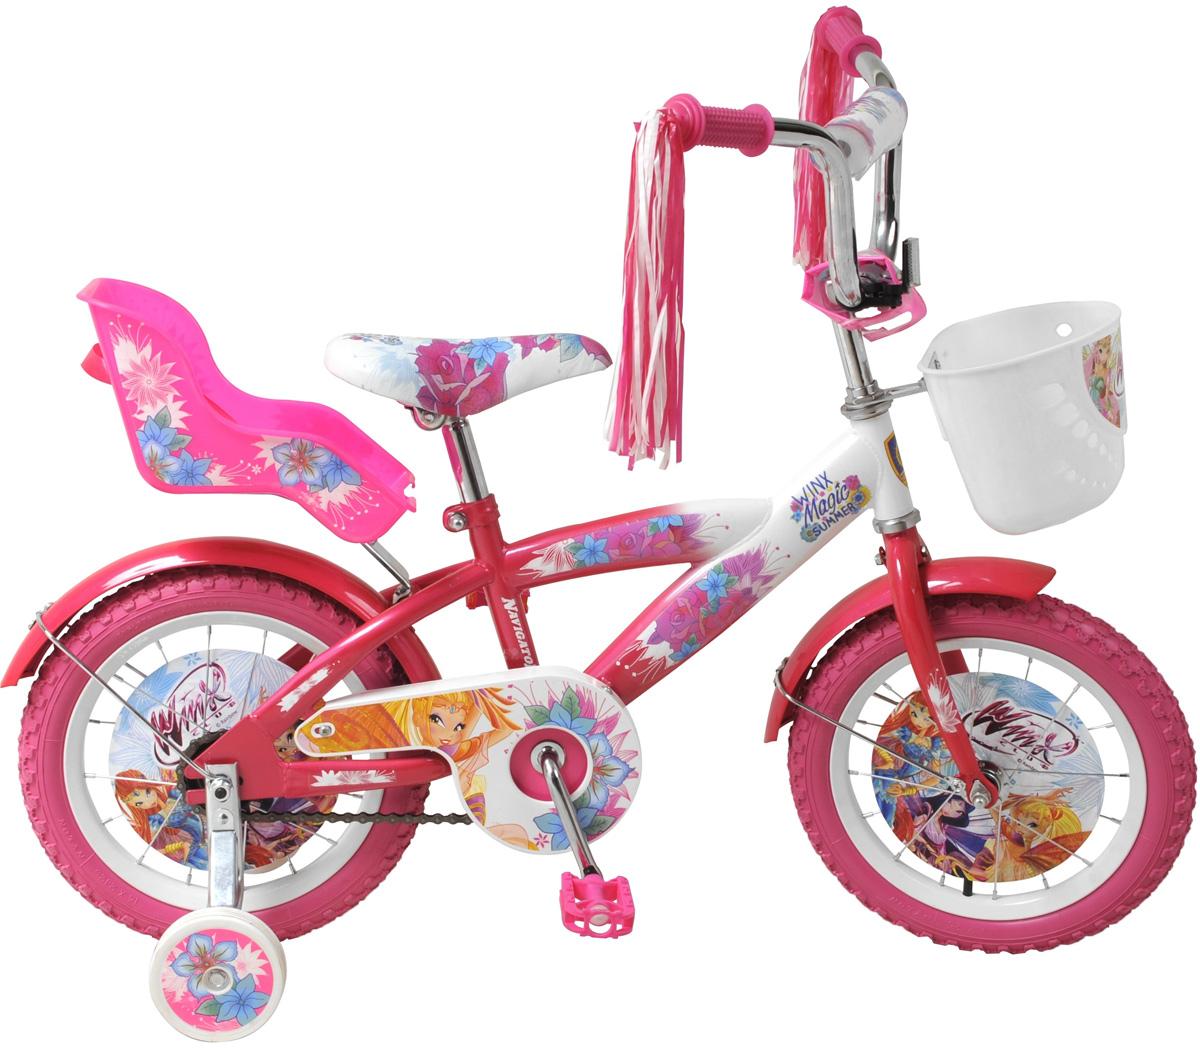 Navigator Велосипед детский двухколесный Winx PinkMHDR2G/AДетский двухколесный велосипед Navigator Winx Pink обязательно понравится вашему ребенку и, несомненно, станет верным спутникам во всех его путешествиях.Для удобства эксплуатации велосипед имеет мягкую накладку на руль, а также удобную переднюю корзинку для мелочей и задний багажник.Для безопасной езды, велосипед оснащен двумя страховочными колесами. Предусмотрены и светоотражательные элементы. Ноги и одежда защищены от контакта с цепью специальной накладкой. Педали с рифленой поверхностью предотвращают скольжение ног.Ограничитель поворота руля предусмотрен для предотвращения падений ребенка из-за резкого поворота руля. Украшен велосипед изображениями героев популярного мультсериала Winx.При производстве велосипеда применяются новые технологии и жесткий контроль проверки качества комплектующих, сборки узлов и регулировки трансмиссии, что обеспечивает качество продукции на высоком уровне.Navigator Winx - это отличный способ дать вашему ребенку возможность чаще бывать на свежем воздухе, много двигаясь с пользой для здоровья.